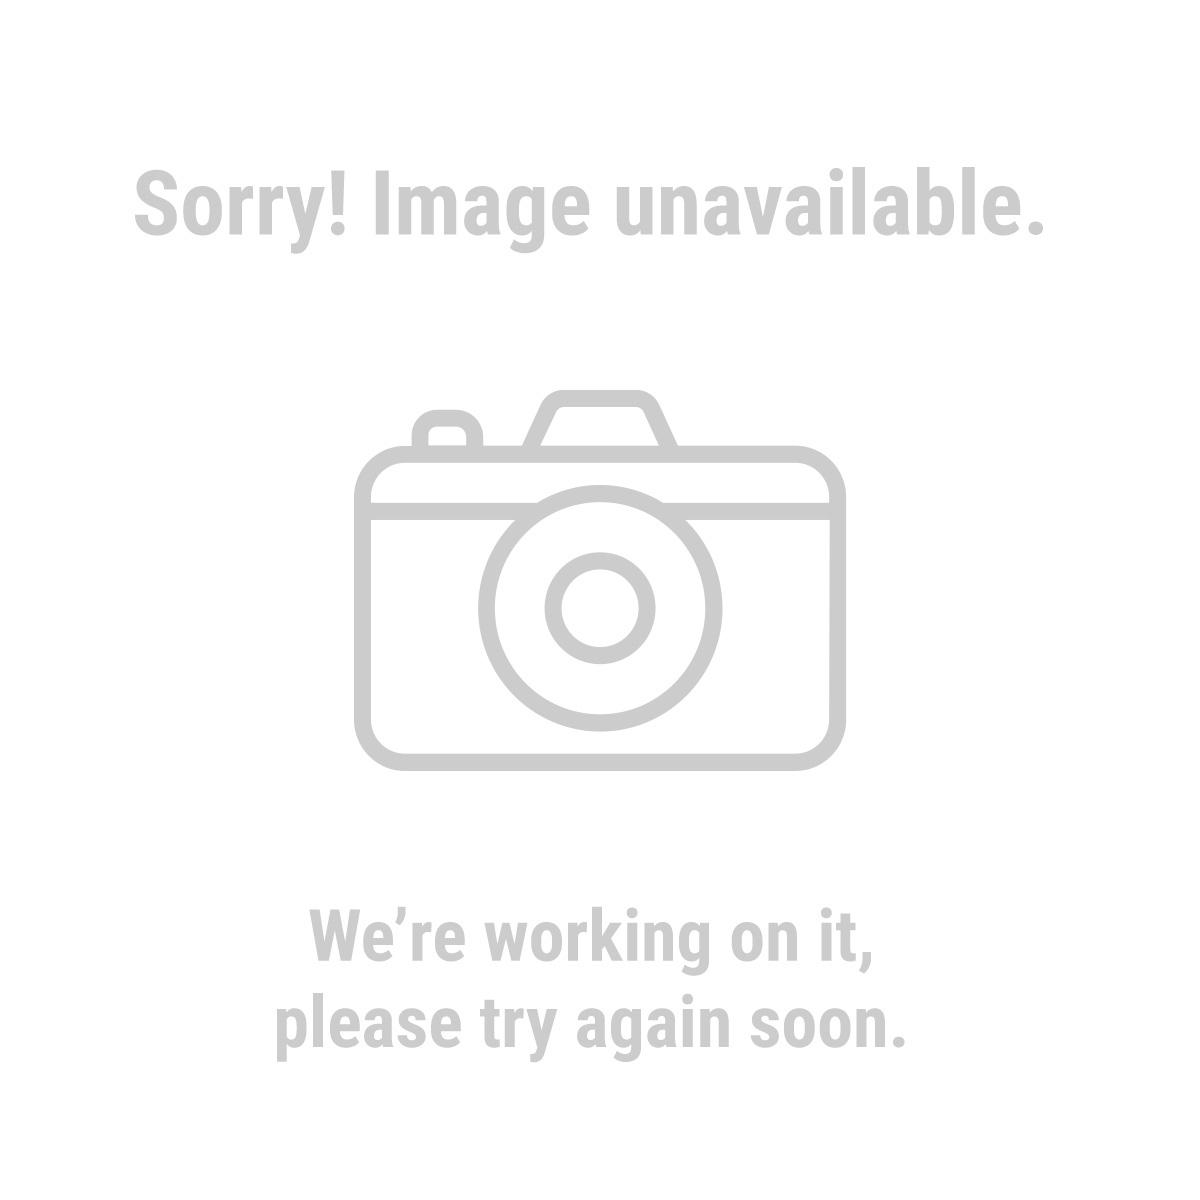 Western Safety Gloves 61235 Mechanic's Gloves, Medium